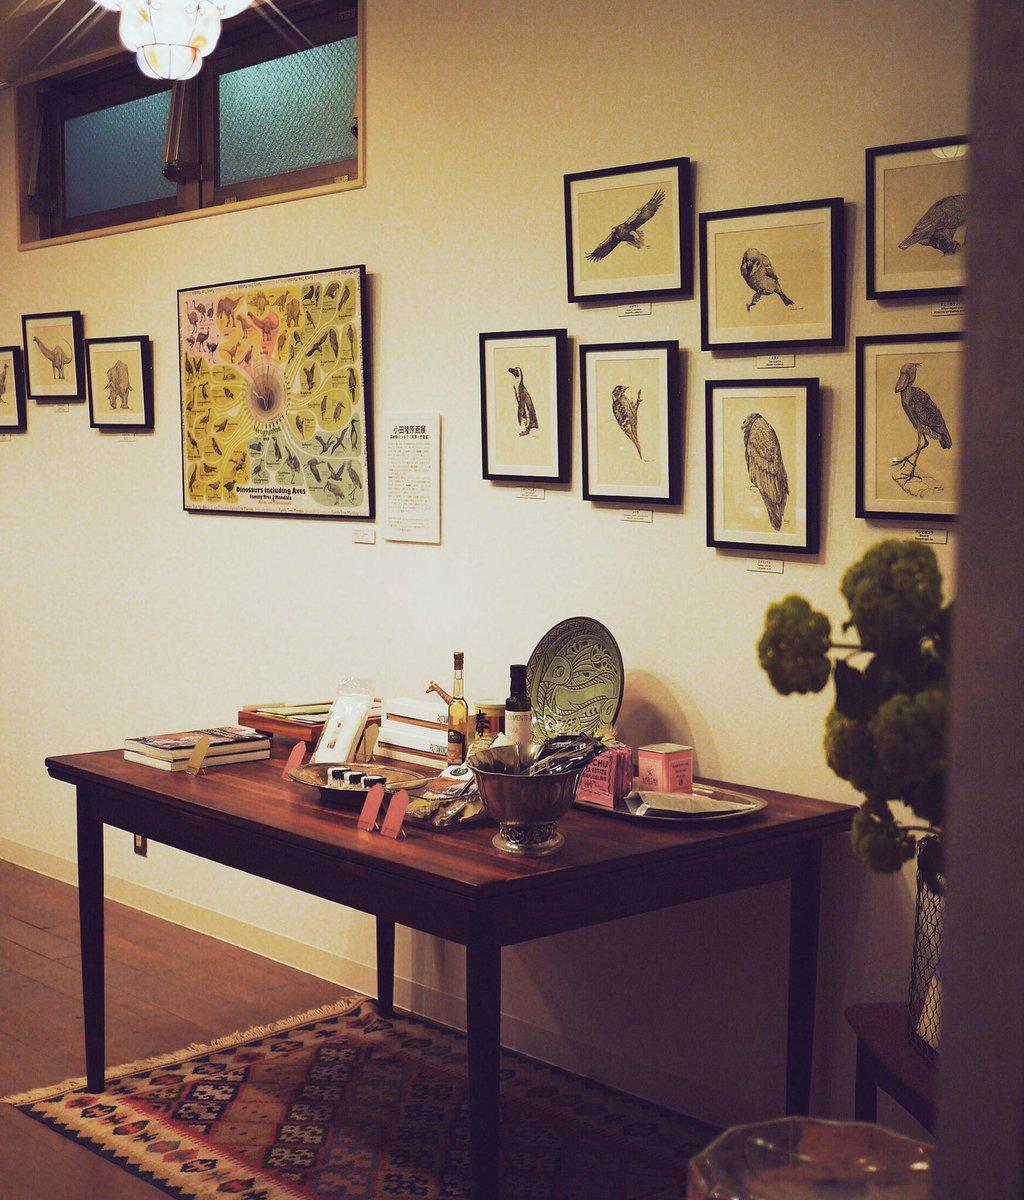 こつこつ手づくりKIWI-store。 小田隆さんの鳥類原画に囲まれて極上調味料、食材、お菓子も選べます。明後日4/29の11時半から3日間開店。みんな来てね(^-^)/ https://t.co/ozDUVUYp4z #小田隆 https://t.co/YdXazoehX0